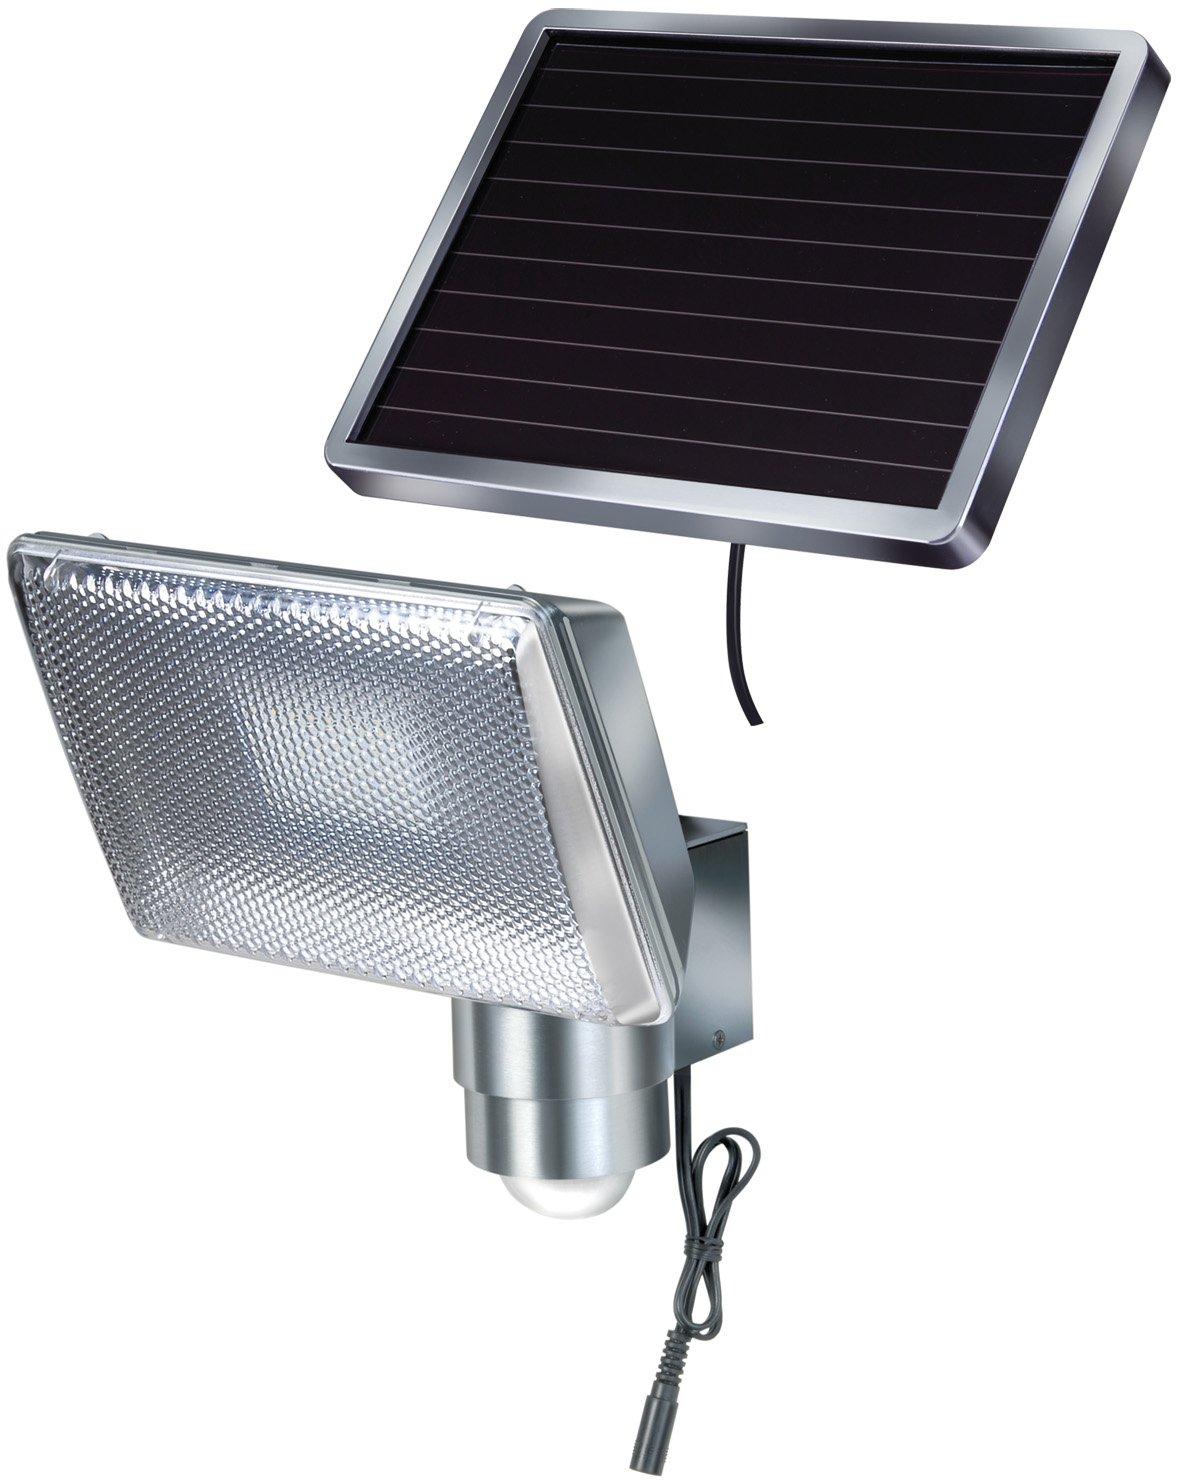 Brennenstuhl 1170840 Faretto solare a LED 350 lm SOL 80 IP44 per esterno, con segnalatore di movimento ad infrarossi 8xLED, cavo 4,75m colore ALLUMINIO A K (ed) McClure Hugo Brennenstuhl